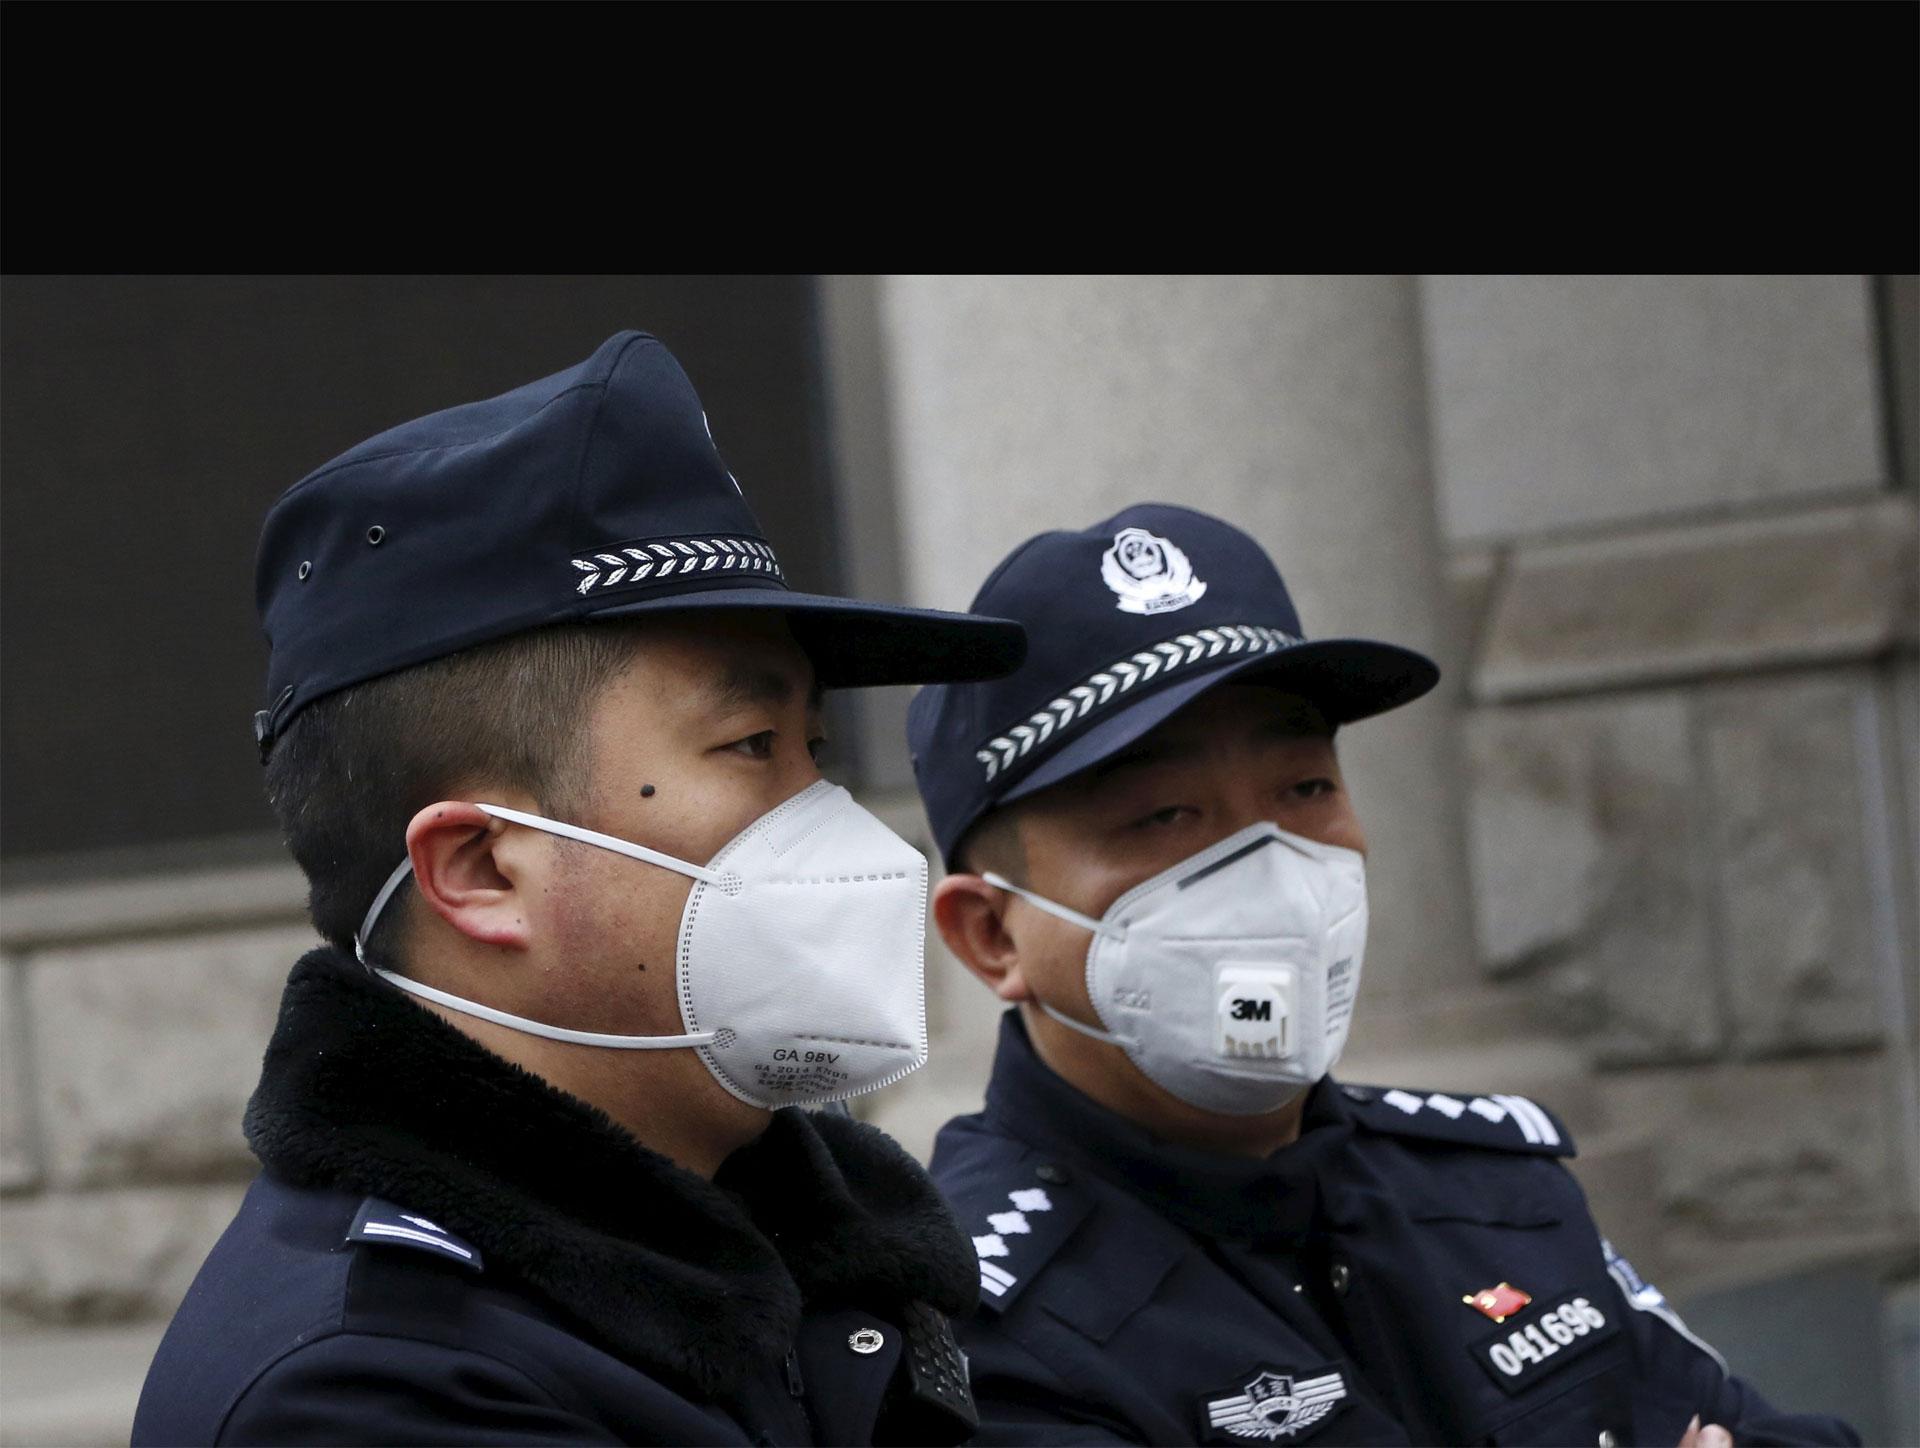 A través de distintos aparatos electrónicos en Beijing intentan reducir las fuentes directas de emisión de gases tóxicos